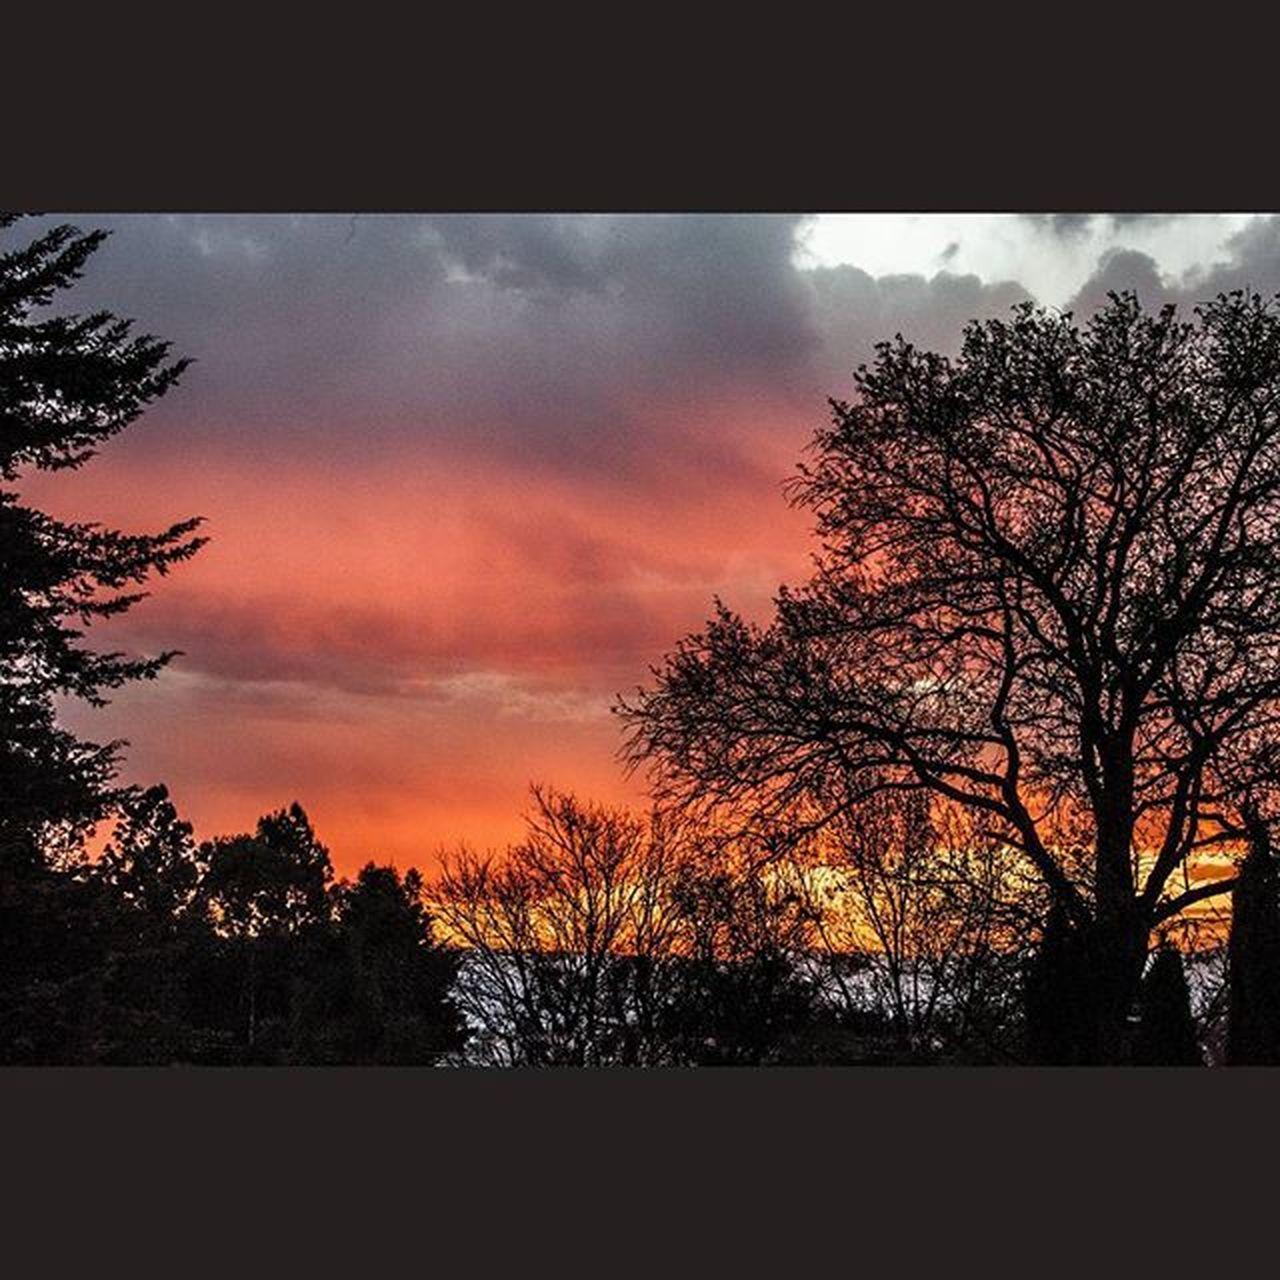 Canon Canon_official Canon_photos Canon5D Fotografo Foto Fotografia Rocafografia Tdt Mexicomagico Atardecer Sol Arte árbol